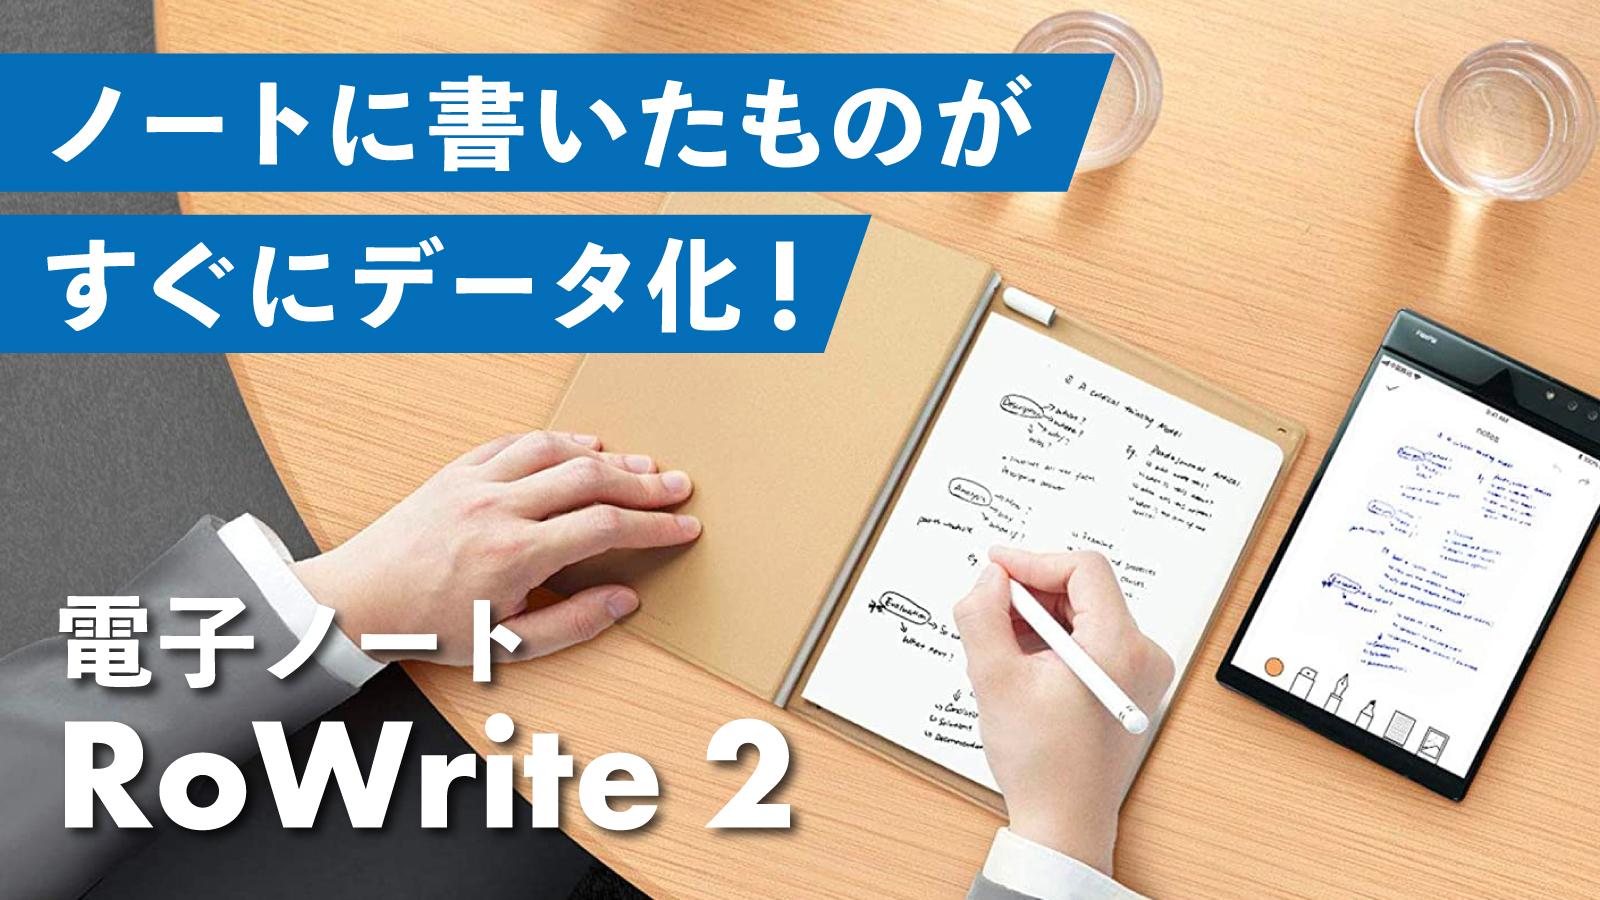 電子ノート「RoWrite 2」クラウドファンディング